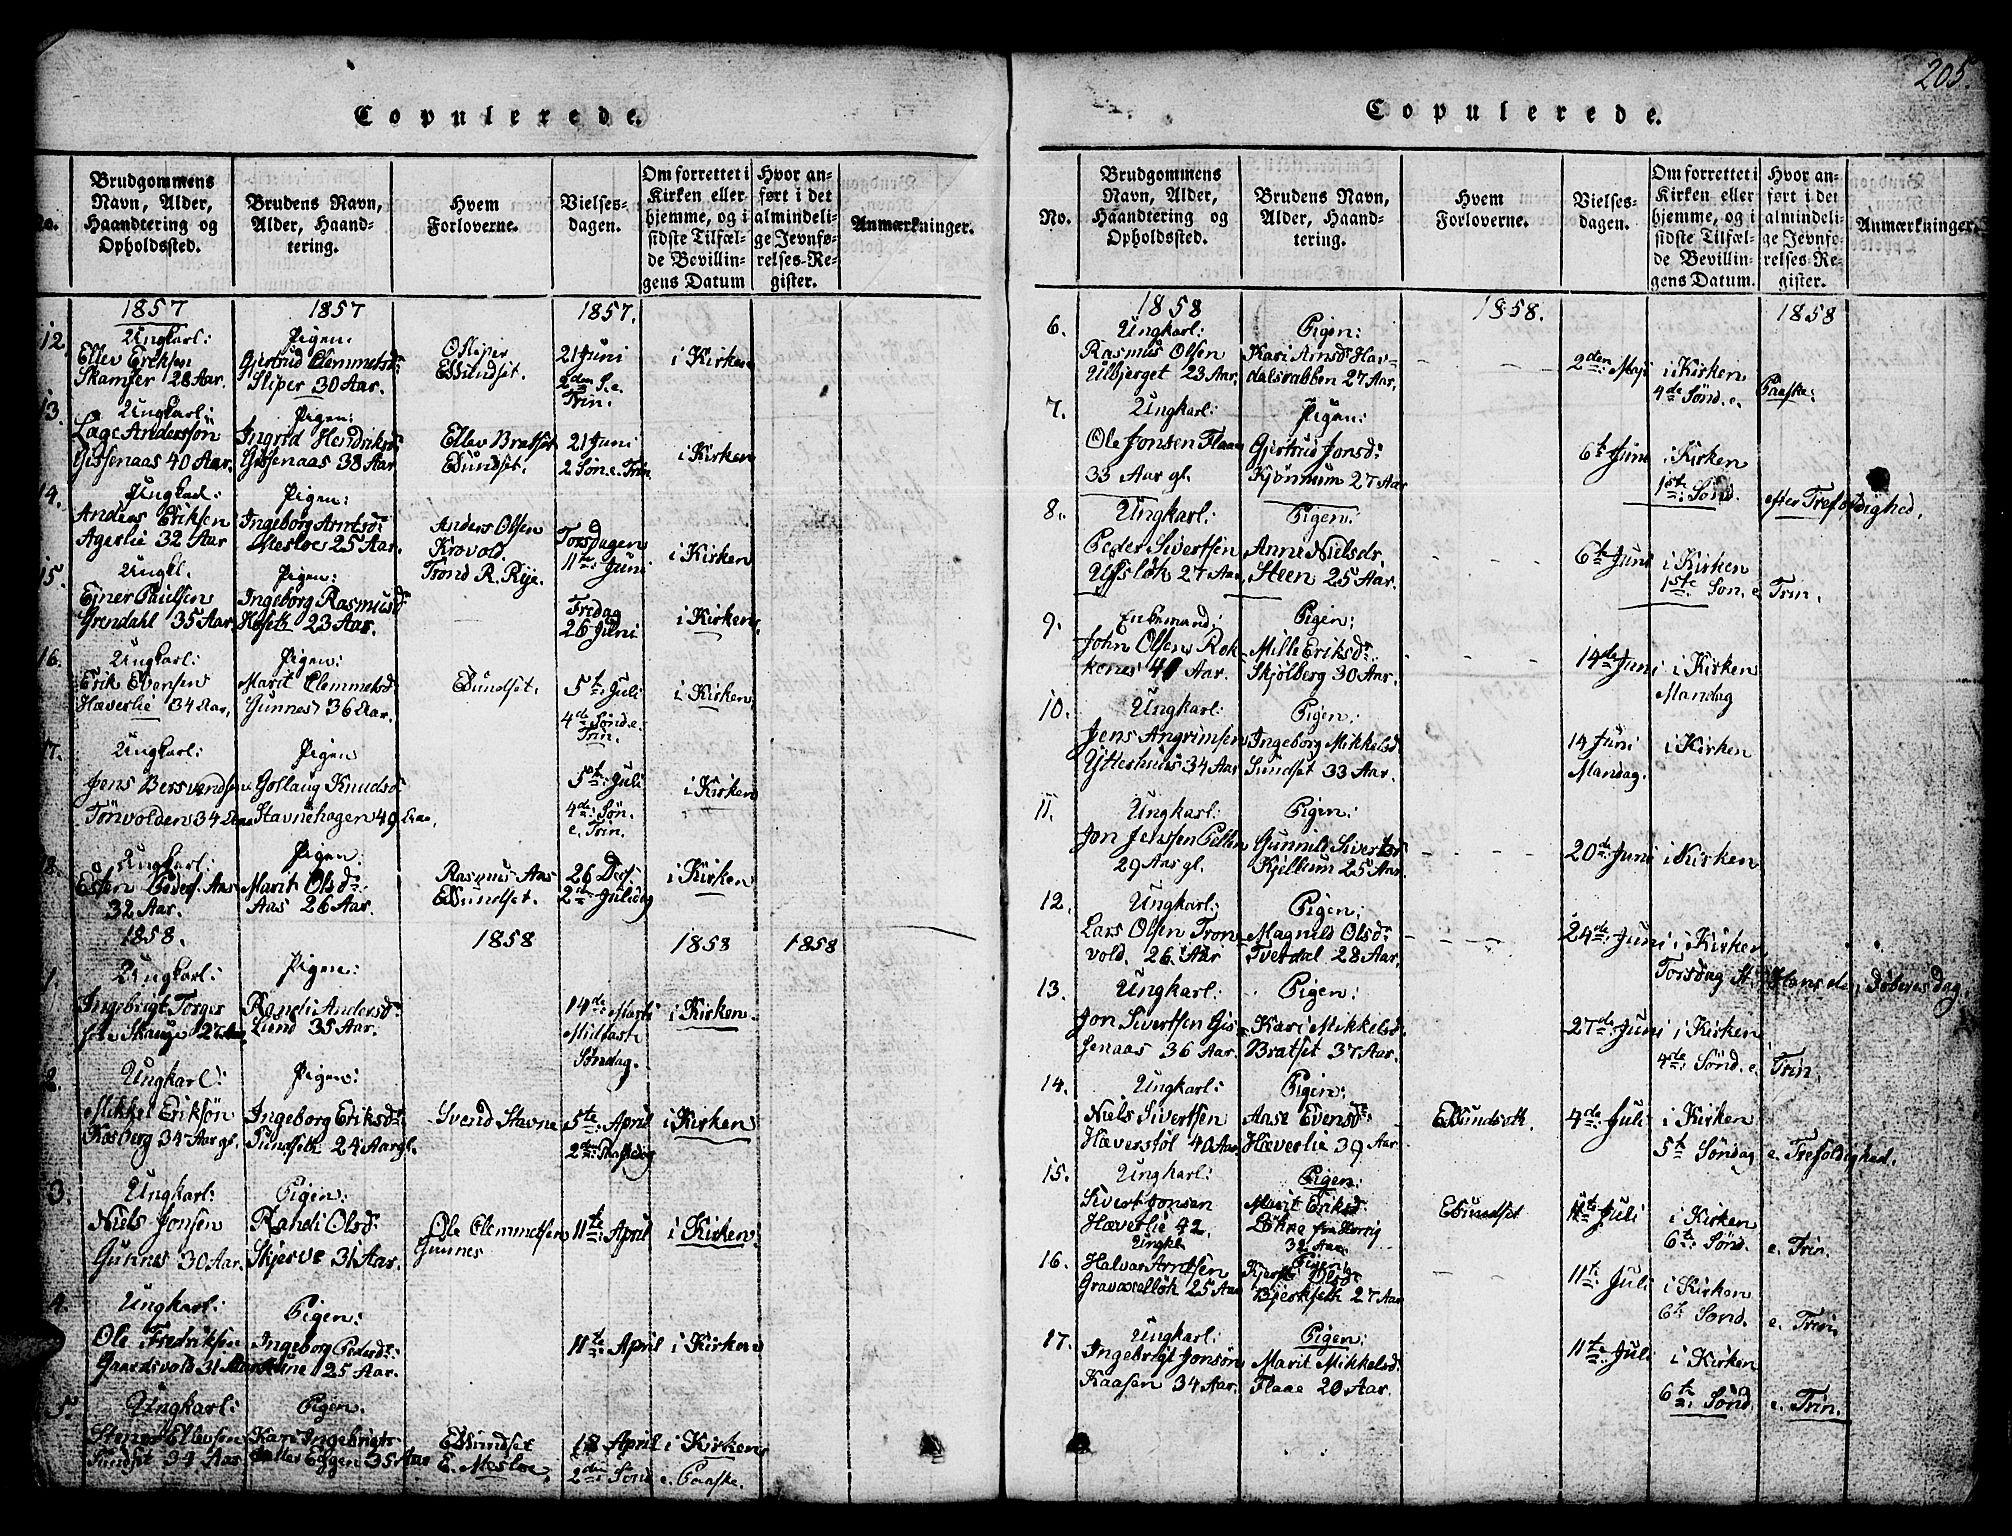 SAT, Ministerialprotokoller, klokkerbøker og fødselsregistre - Sør-Trøndelag, 674/L0874: Klokkerbok nr. 674C01, 1816-1860, s. 205